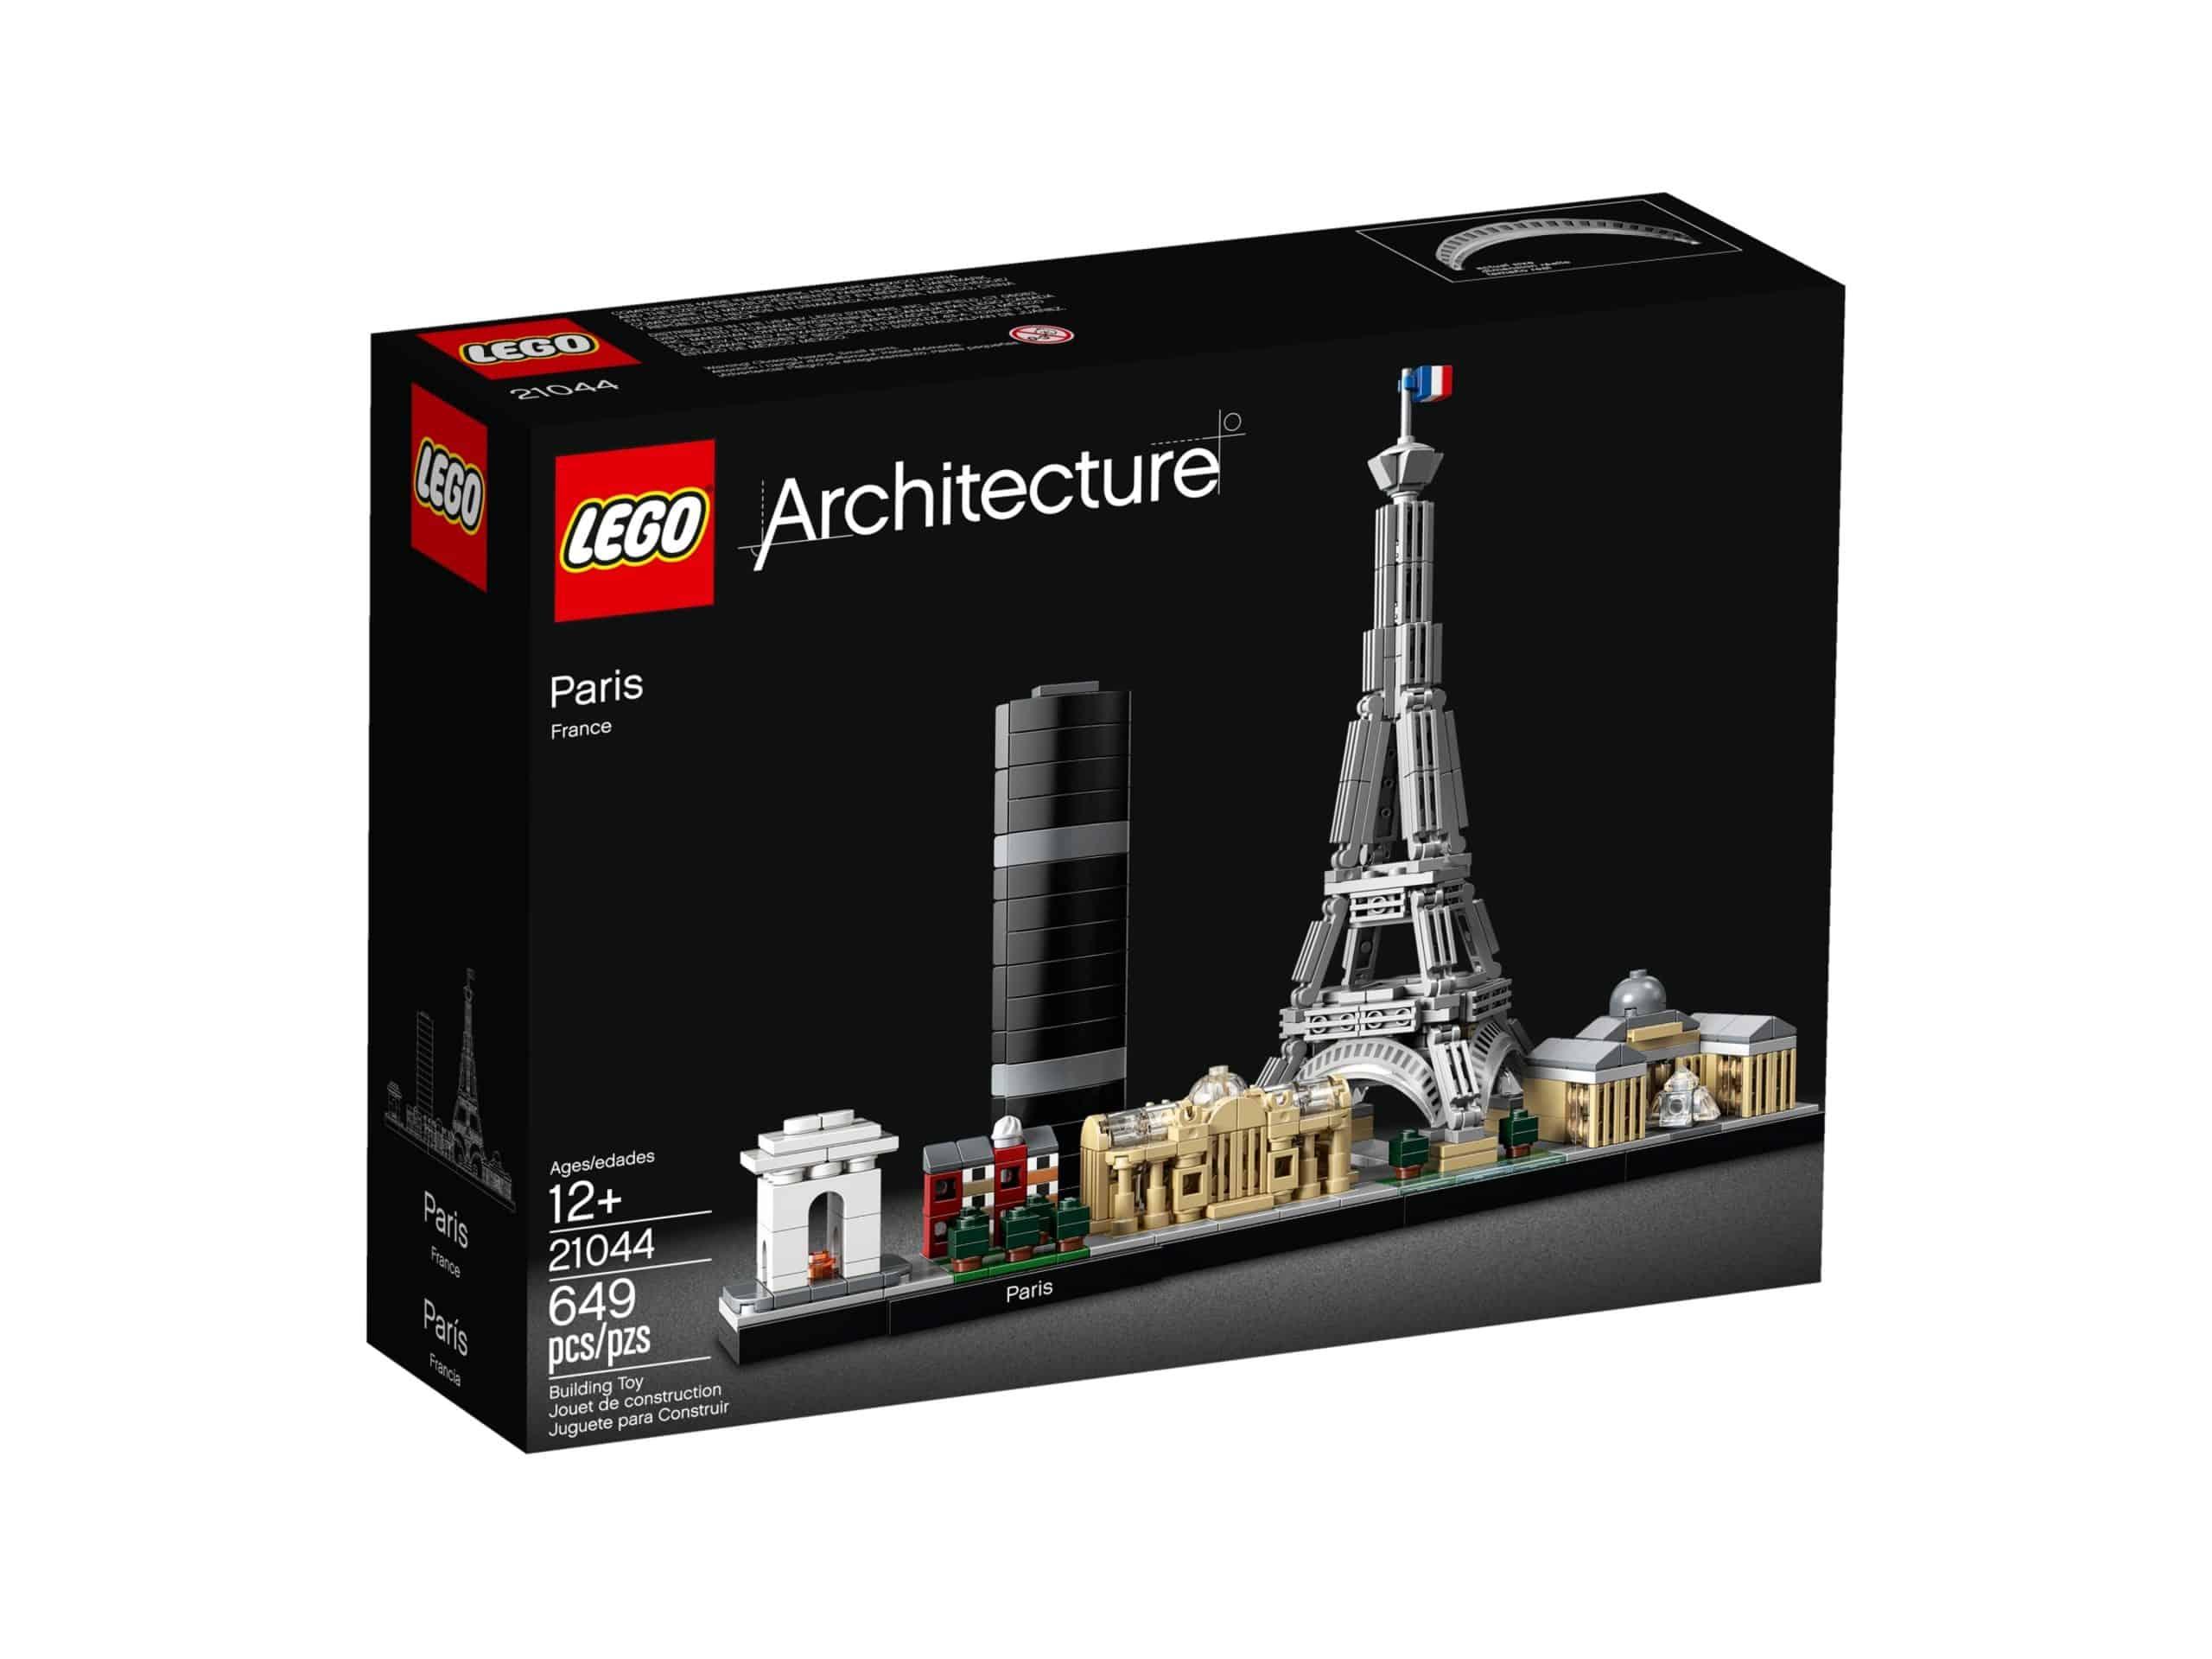 lego 21044 paris scaled